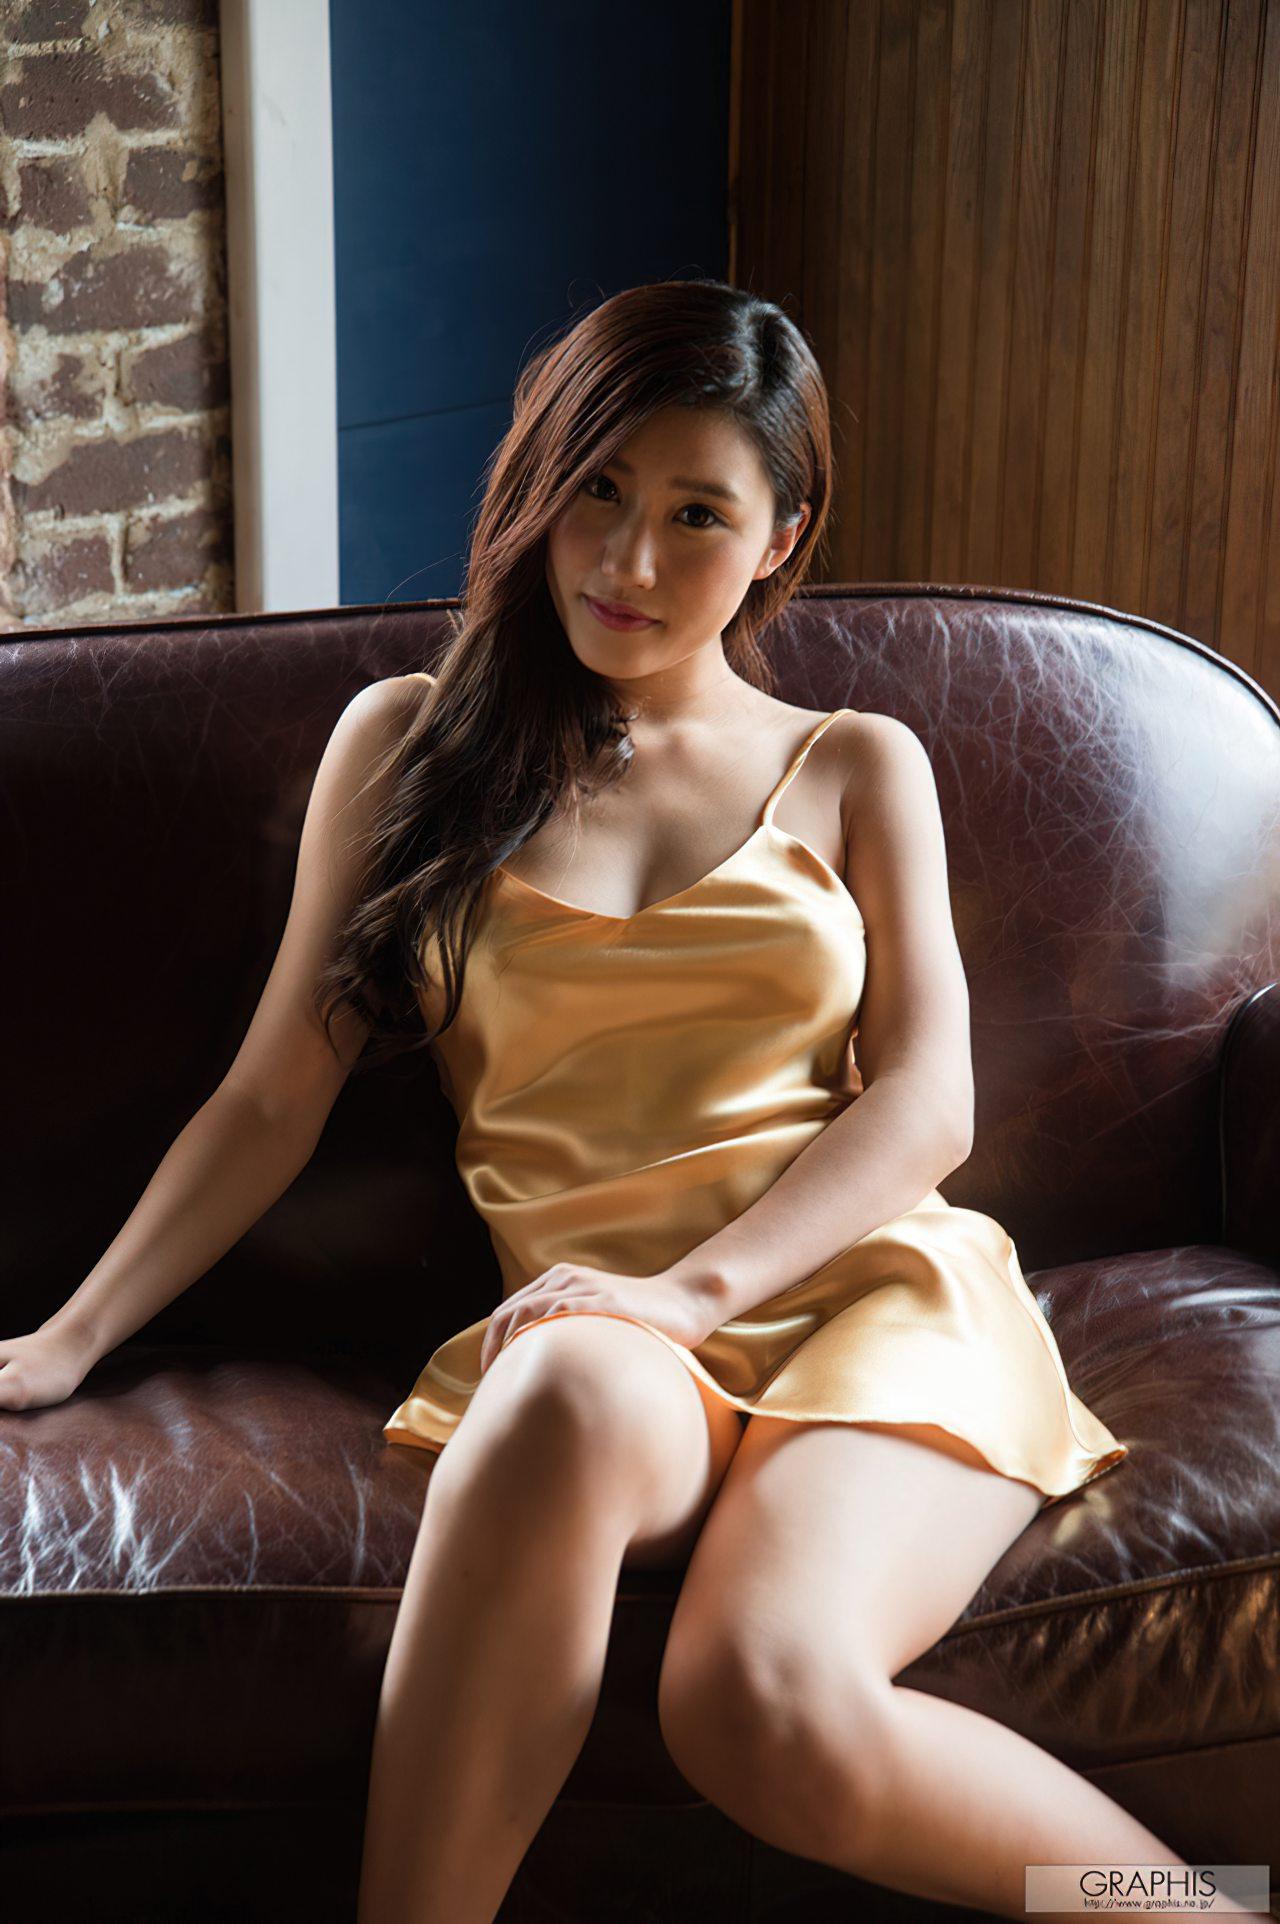 Sedutora Suzu Mitake (1)